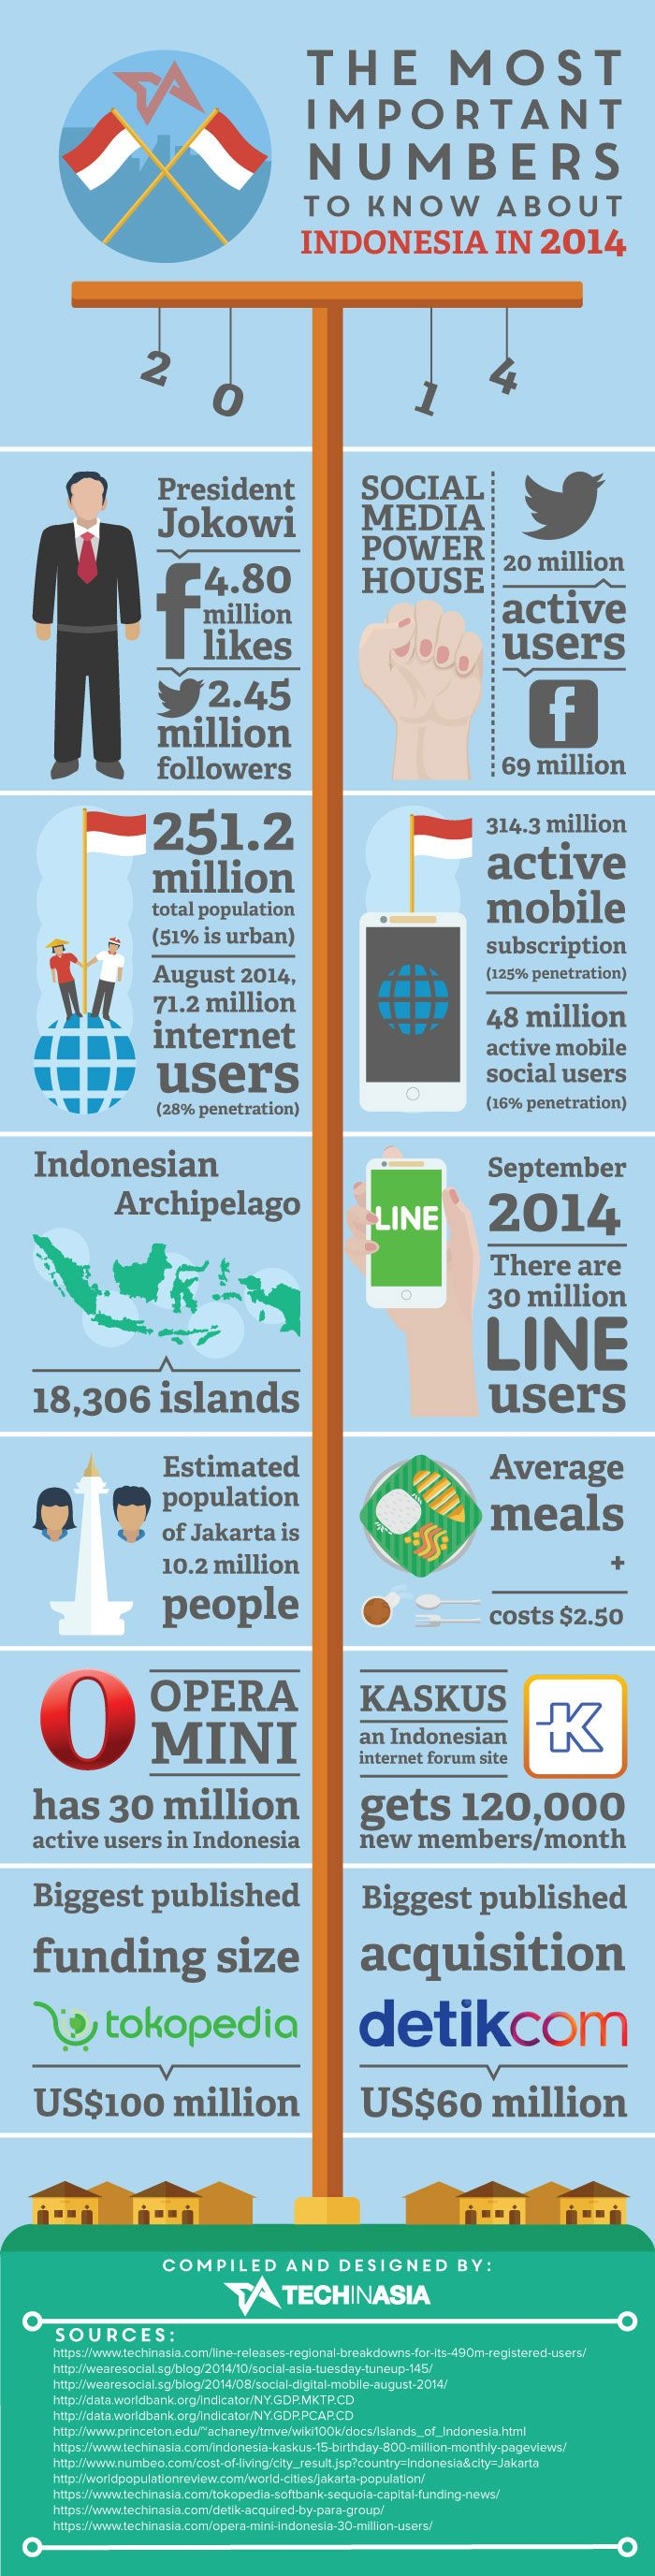 Angka-angka penting yang perlu Anda ketahui tentang Indonesia di tahun 2014 (INFOGRAFIS)